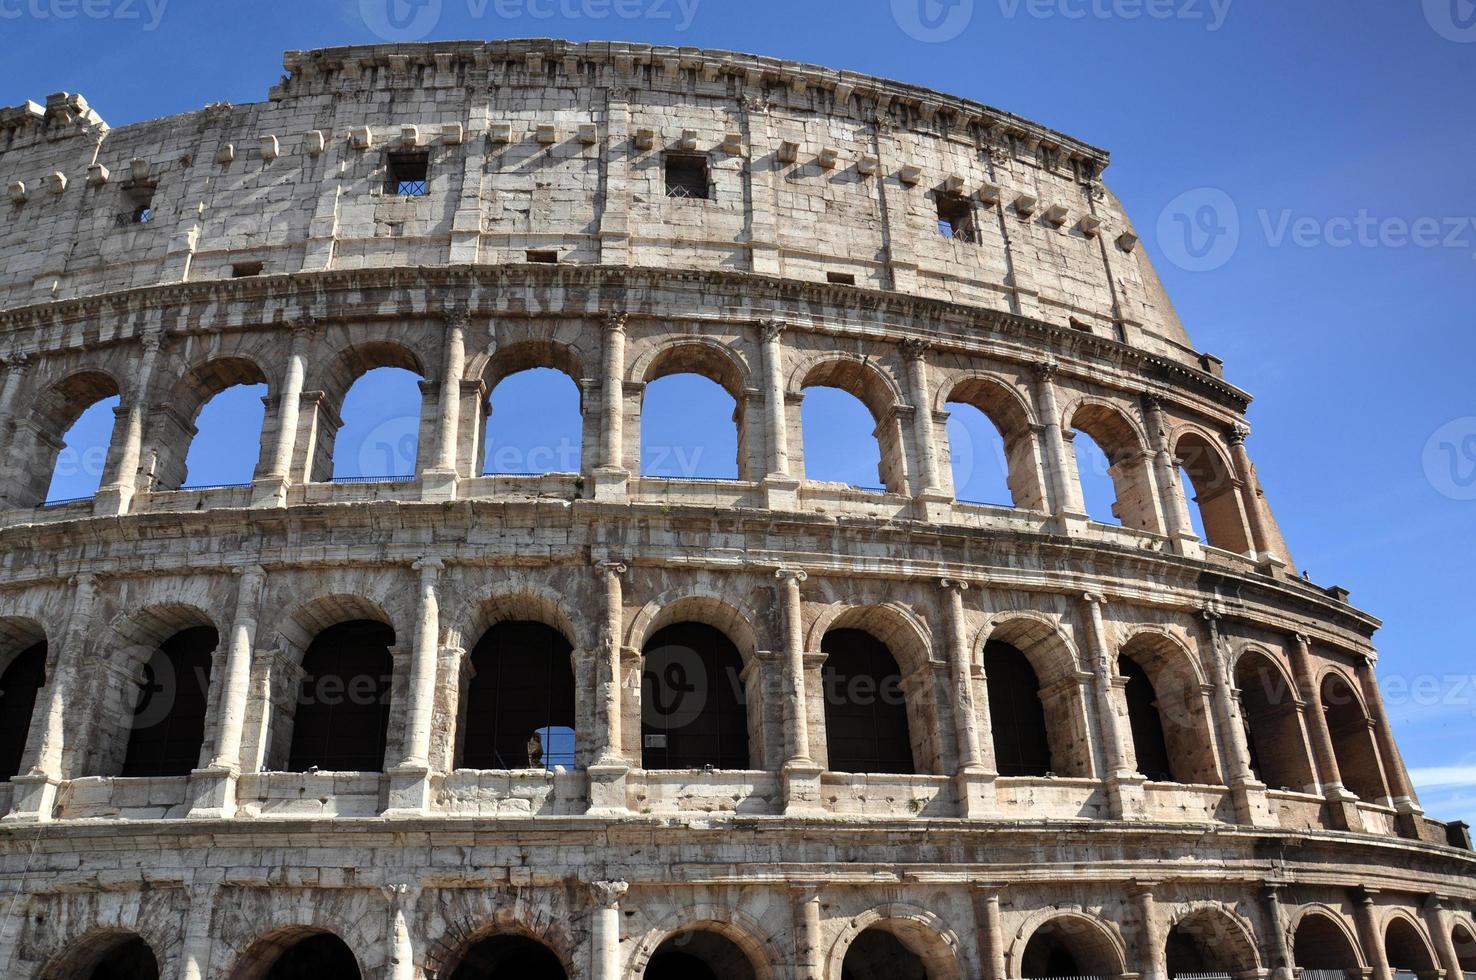 Great Colosseum (coliseum), photo